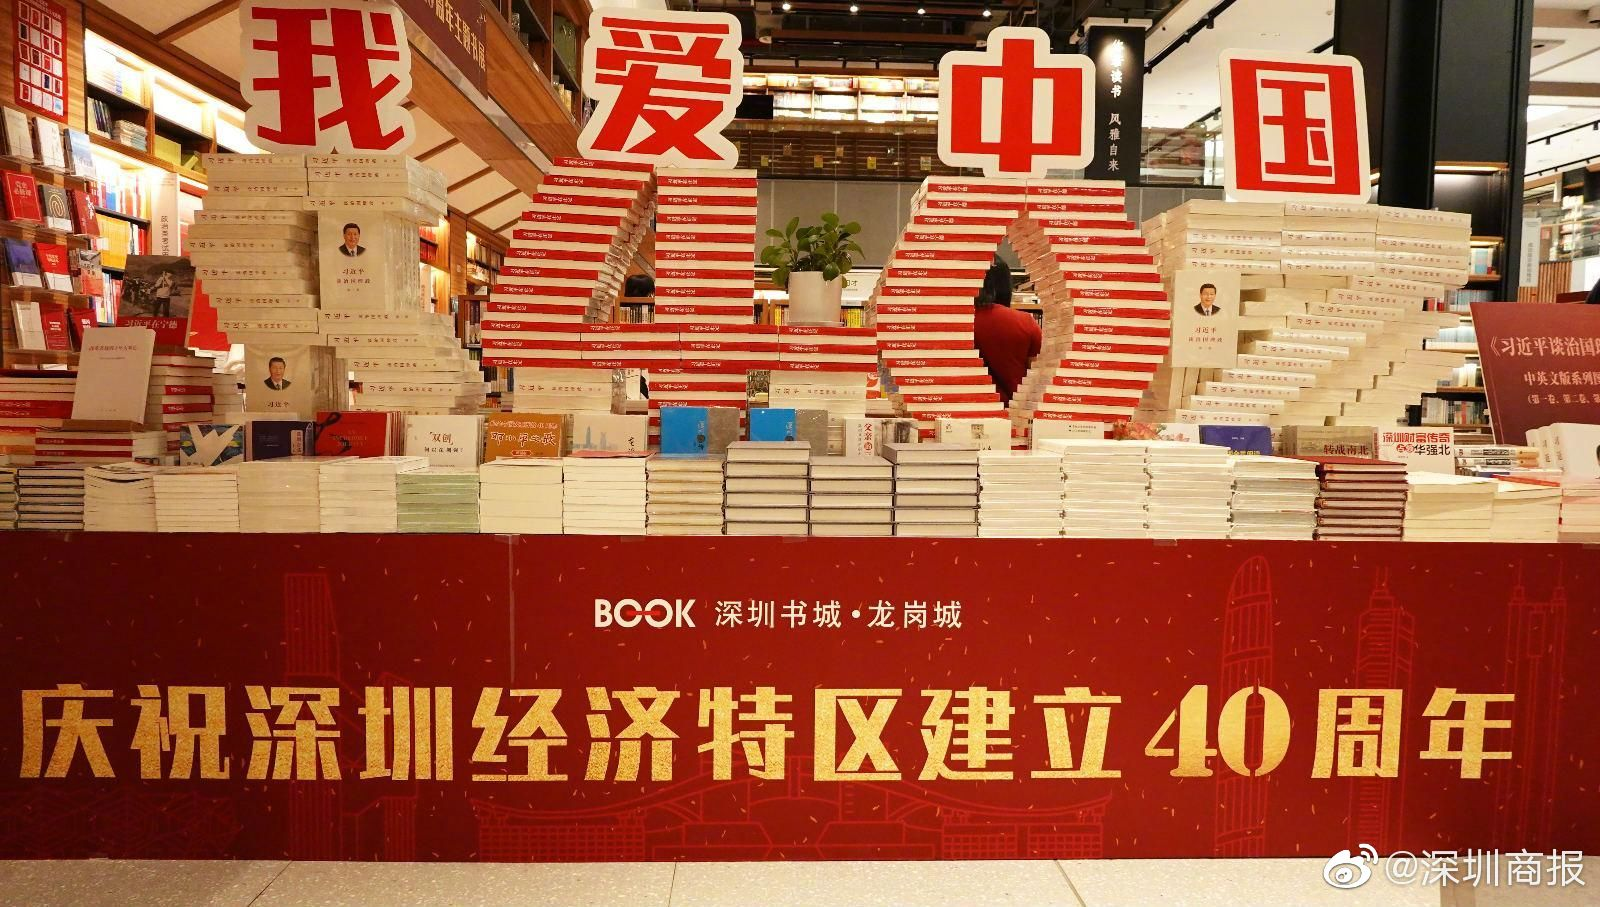 再现40年奋斗历程,庆祝深圳经济特区建立40周年书展反响火热